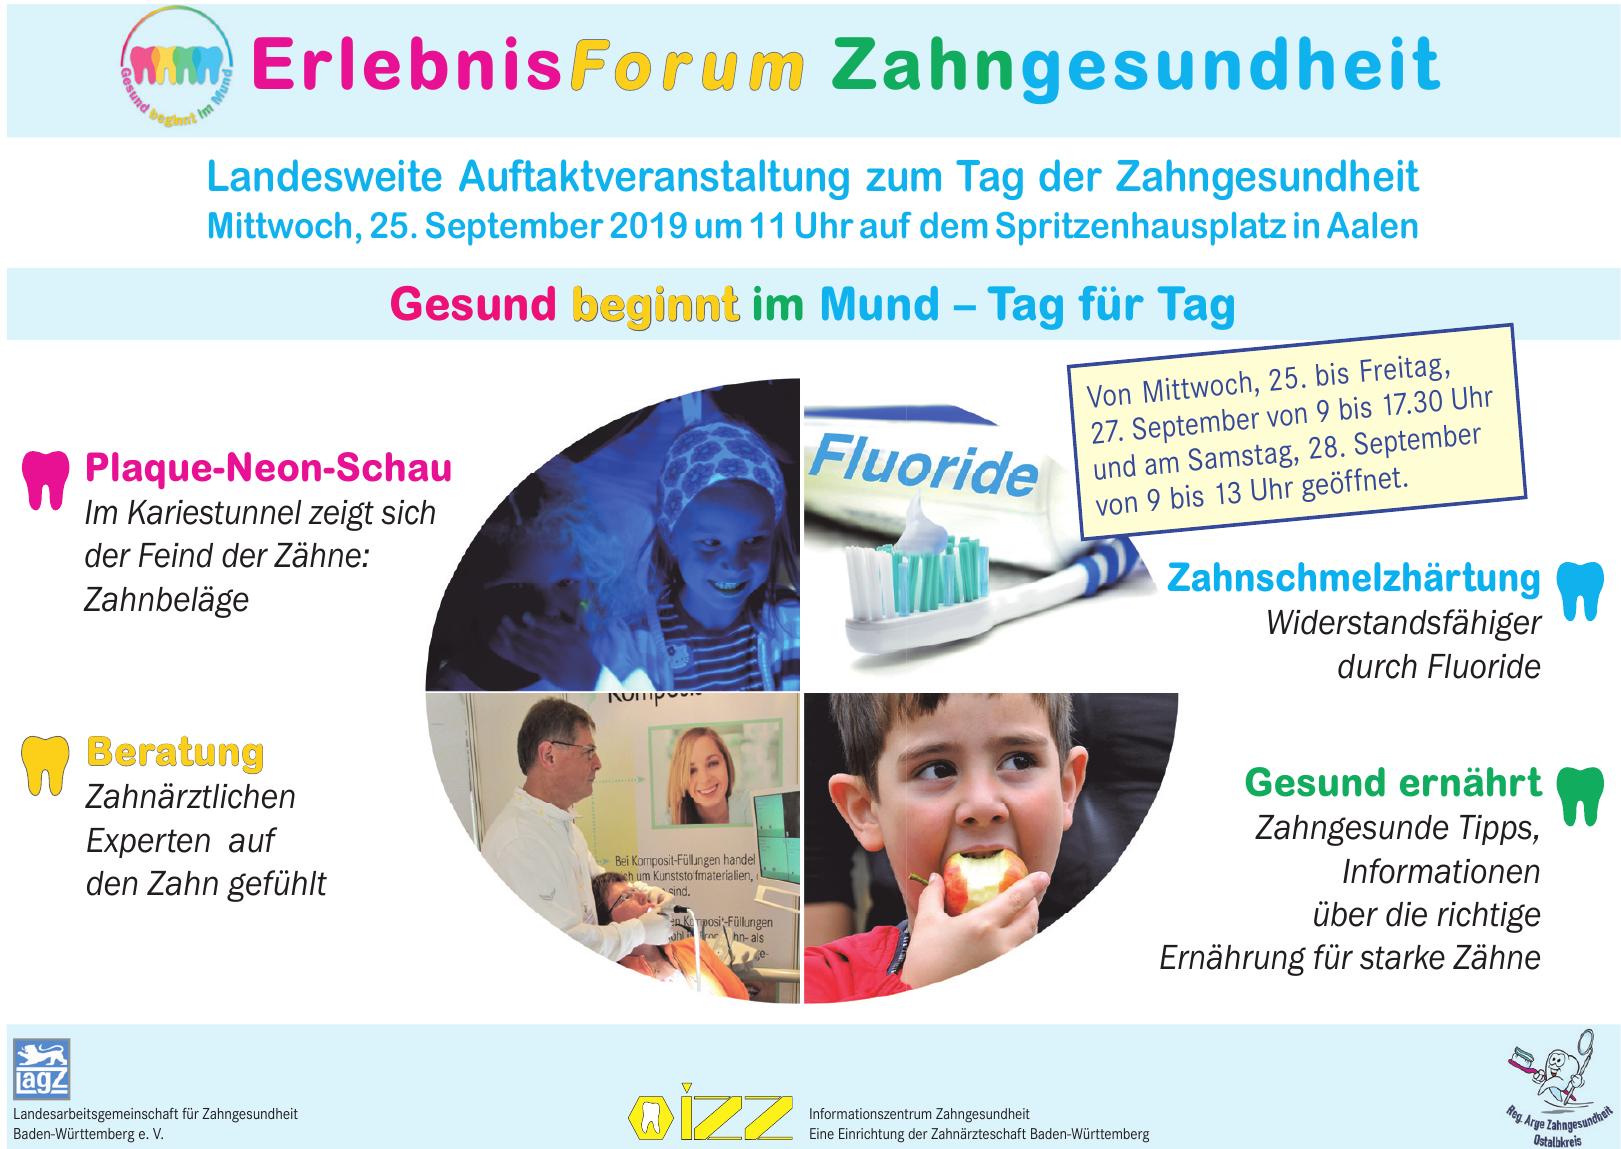 Erlebnis Forum Zahngesundheit